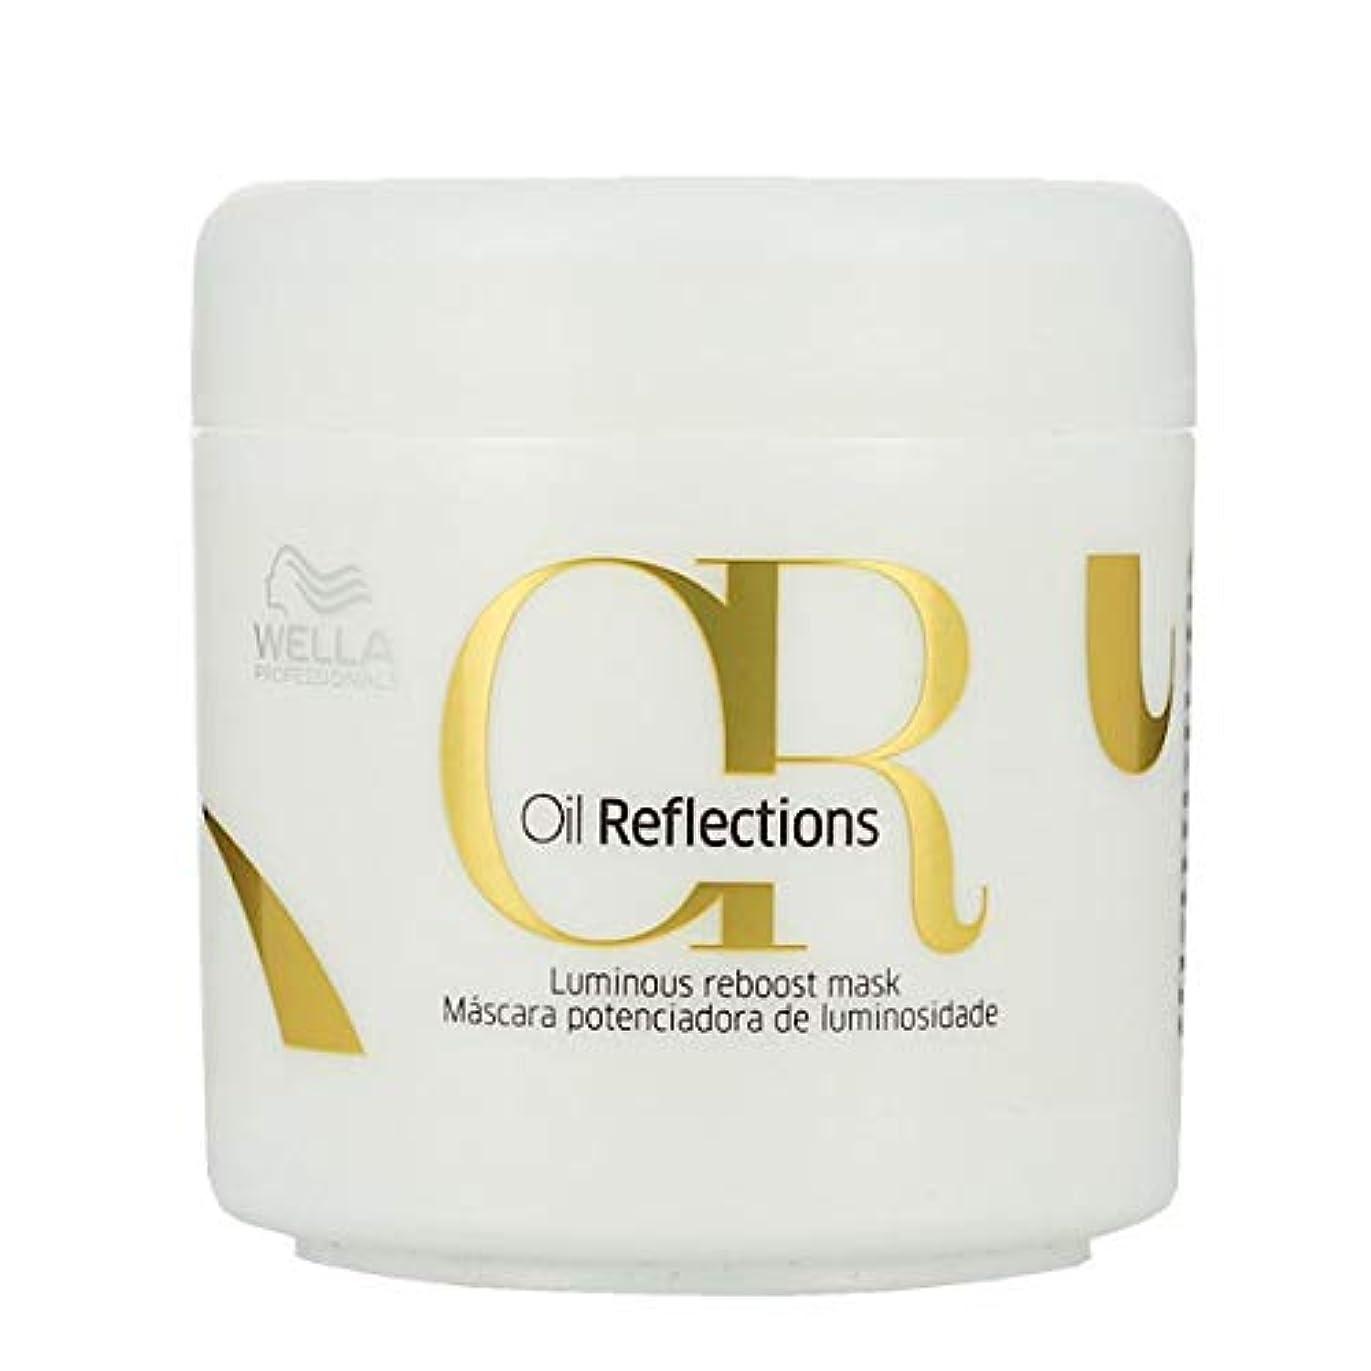 コンドームビルダー引き潮Wella Professionals Oil Reflections Luminous Reboost Mask ウエラ オイルリフレクション マスク 150 ml [並行輸入品]